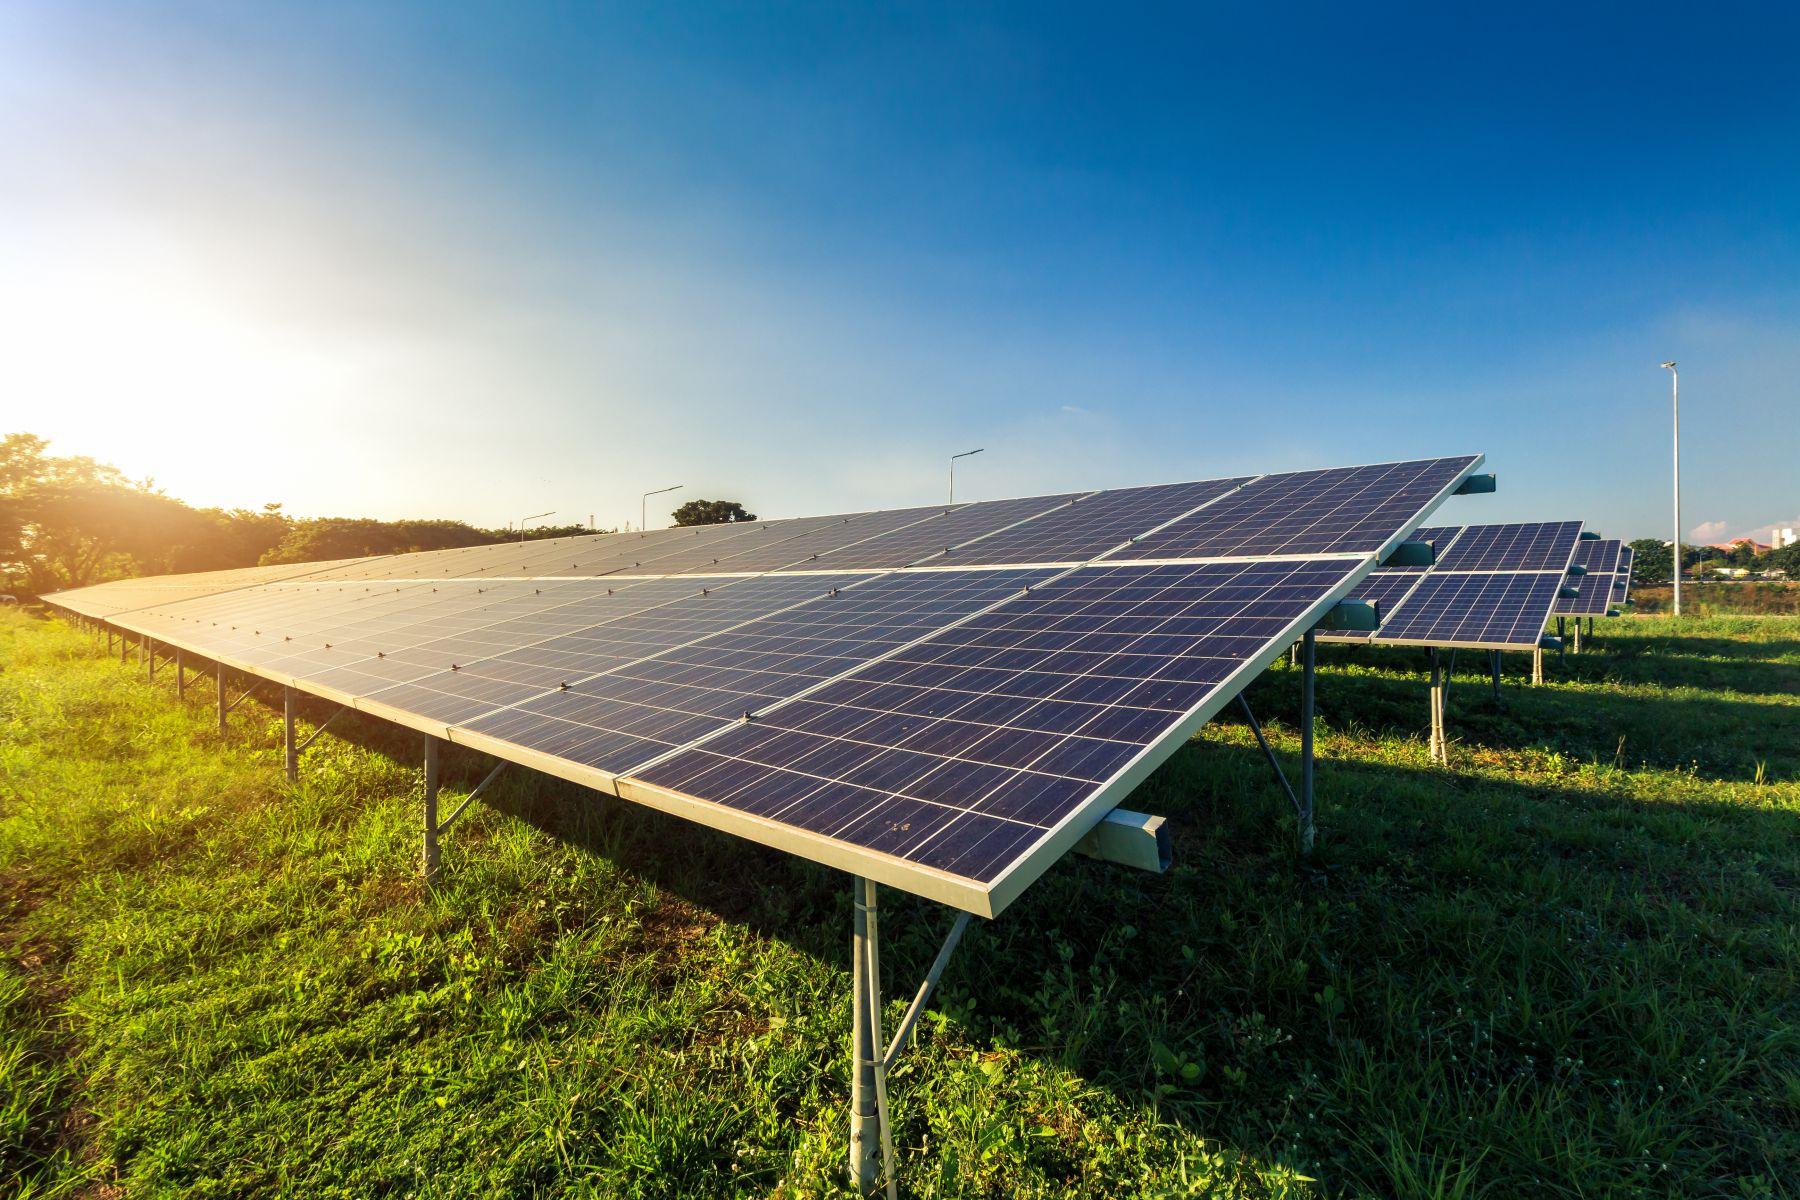 太陽能廠掀裁員風 繼茂迪之後 綠能裁員203人